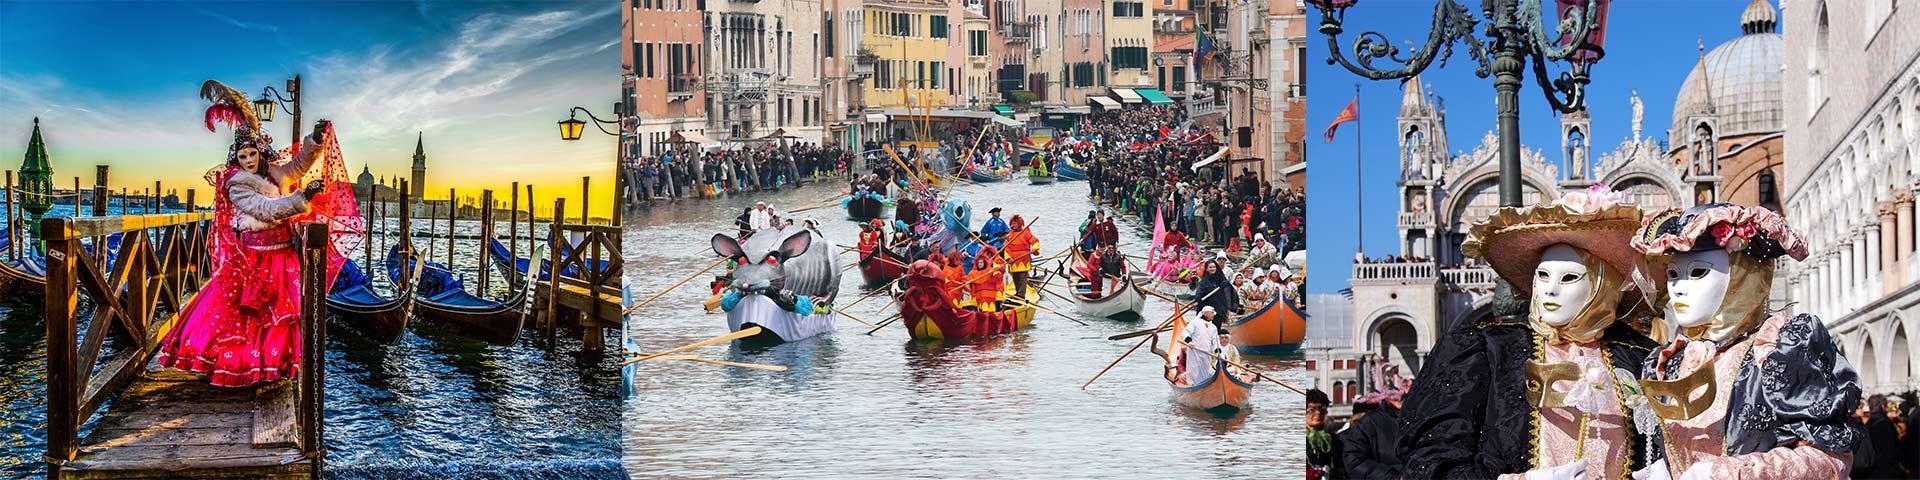 Imagini cu Carnavalul Venetian de pe strazile din Venetia